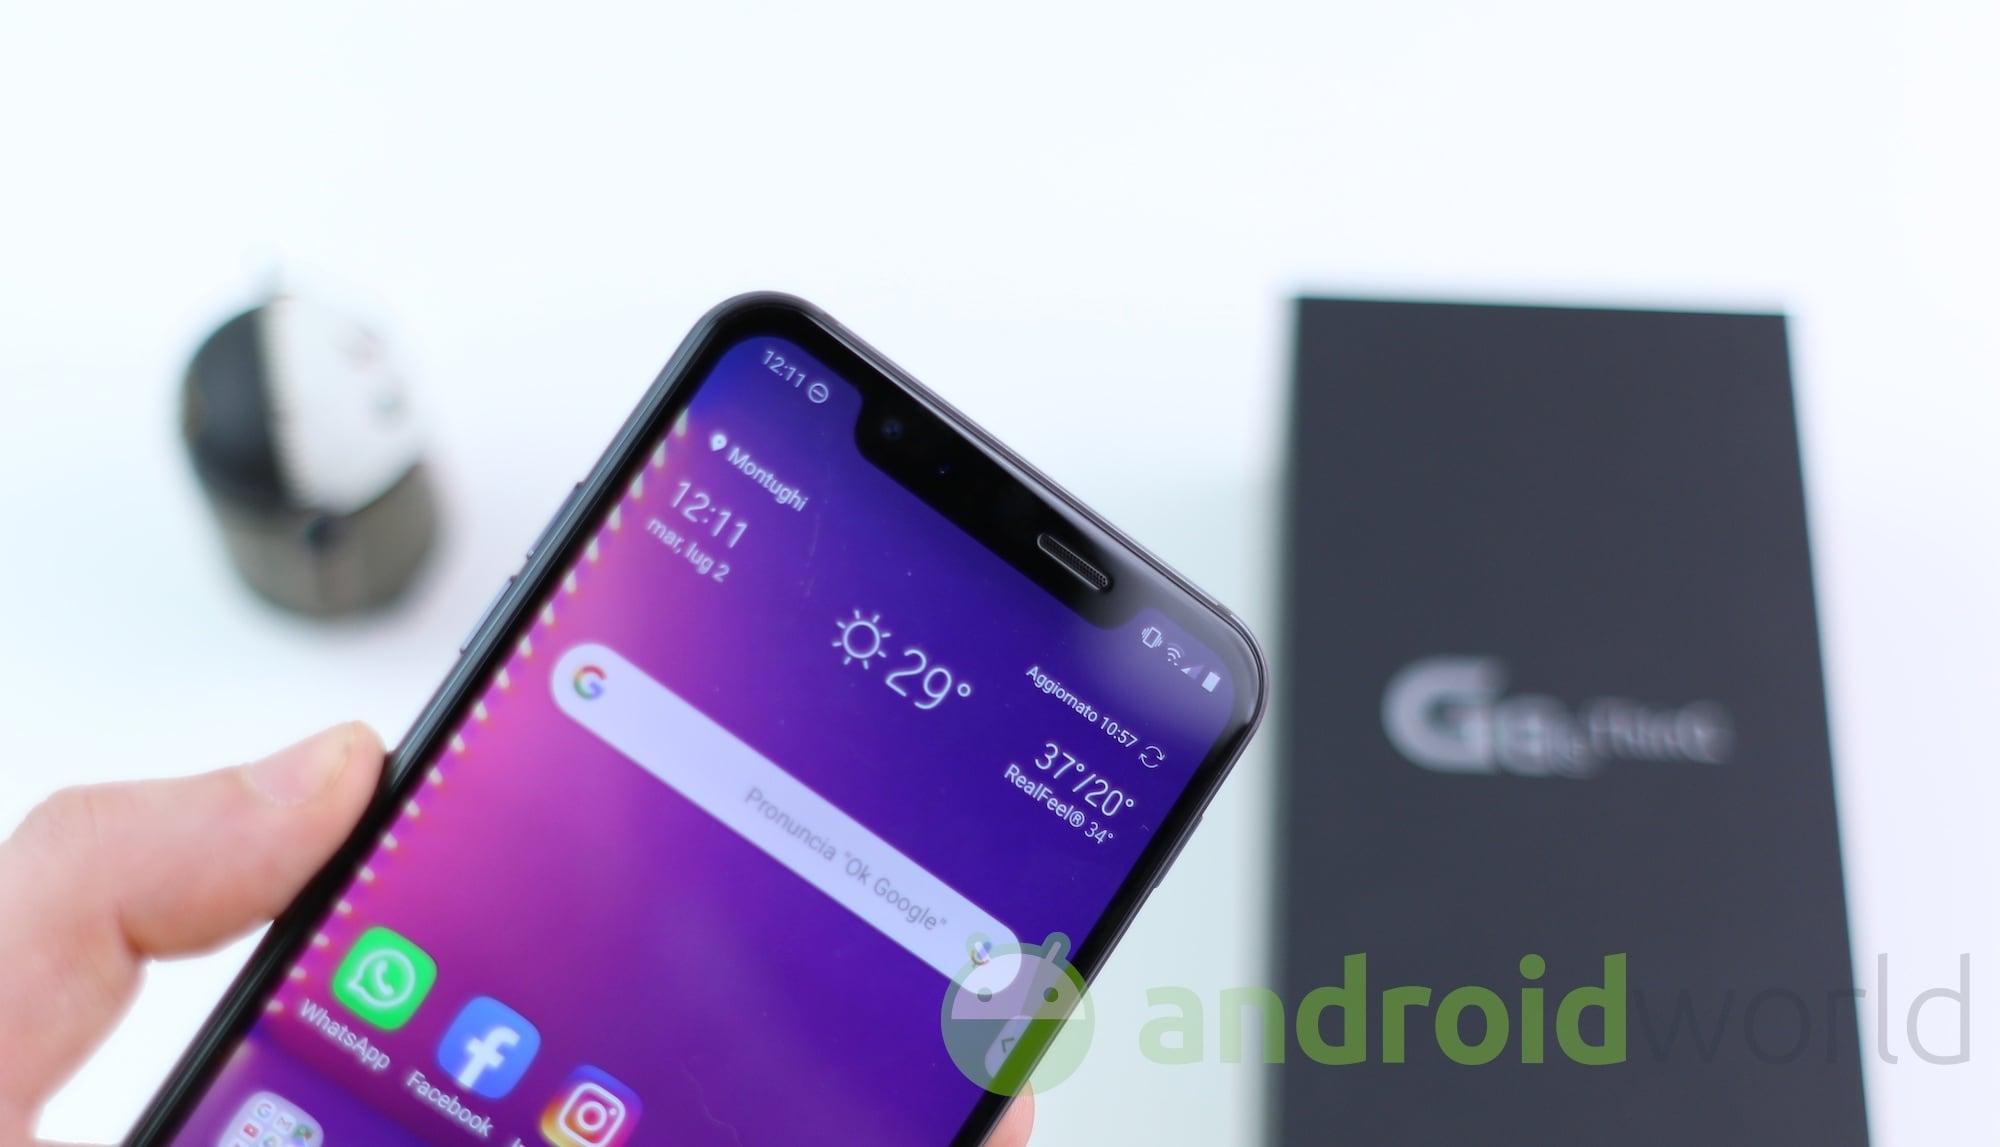 LG rilascia l'aggiornamento ad Android 10 per LG G8s ThinQ insieme alle patch di sicurezza di agosto (foto)